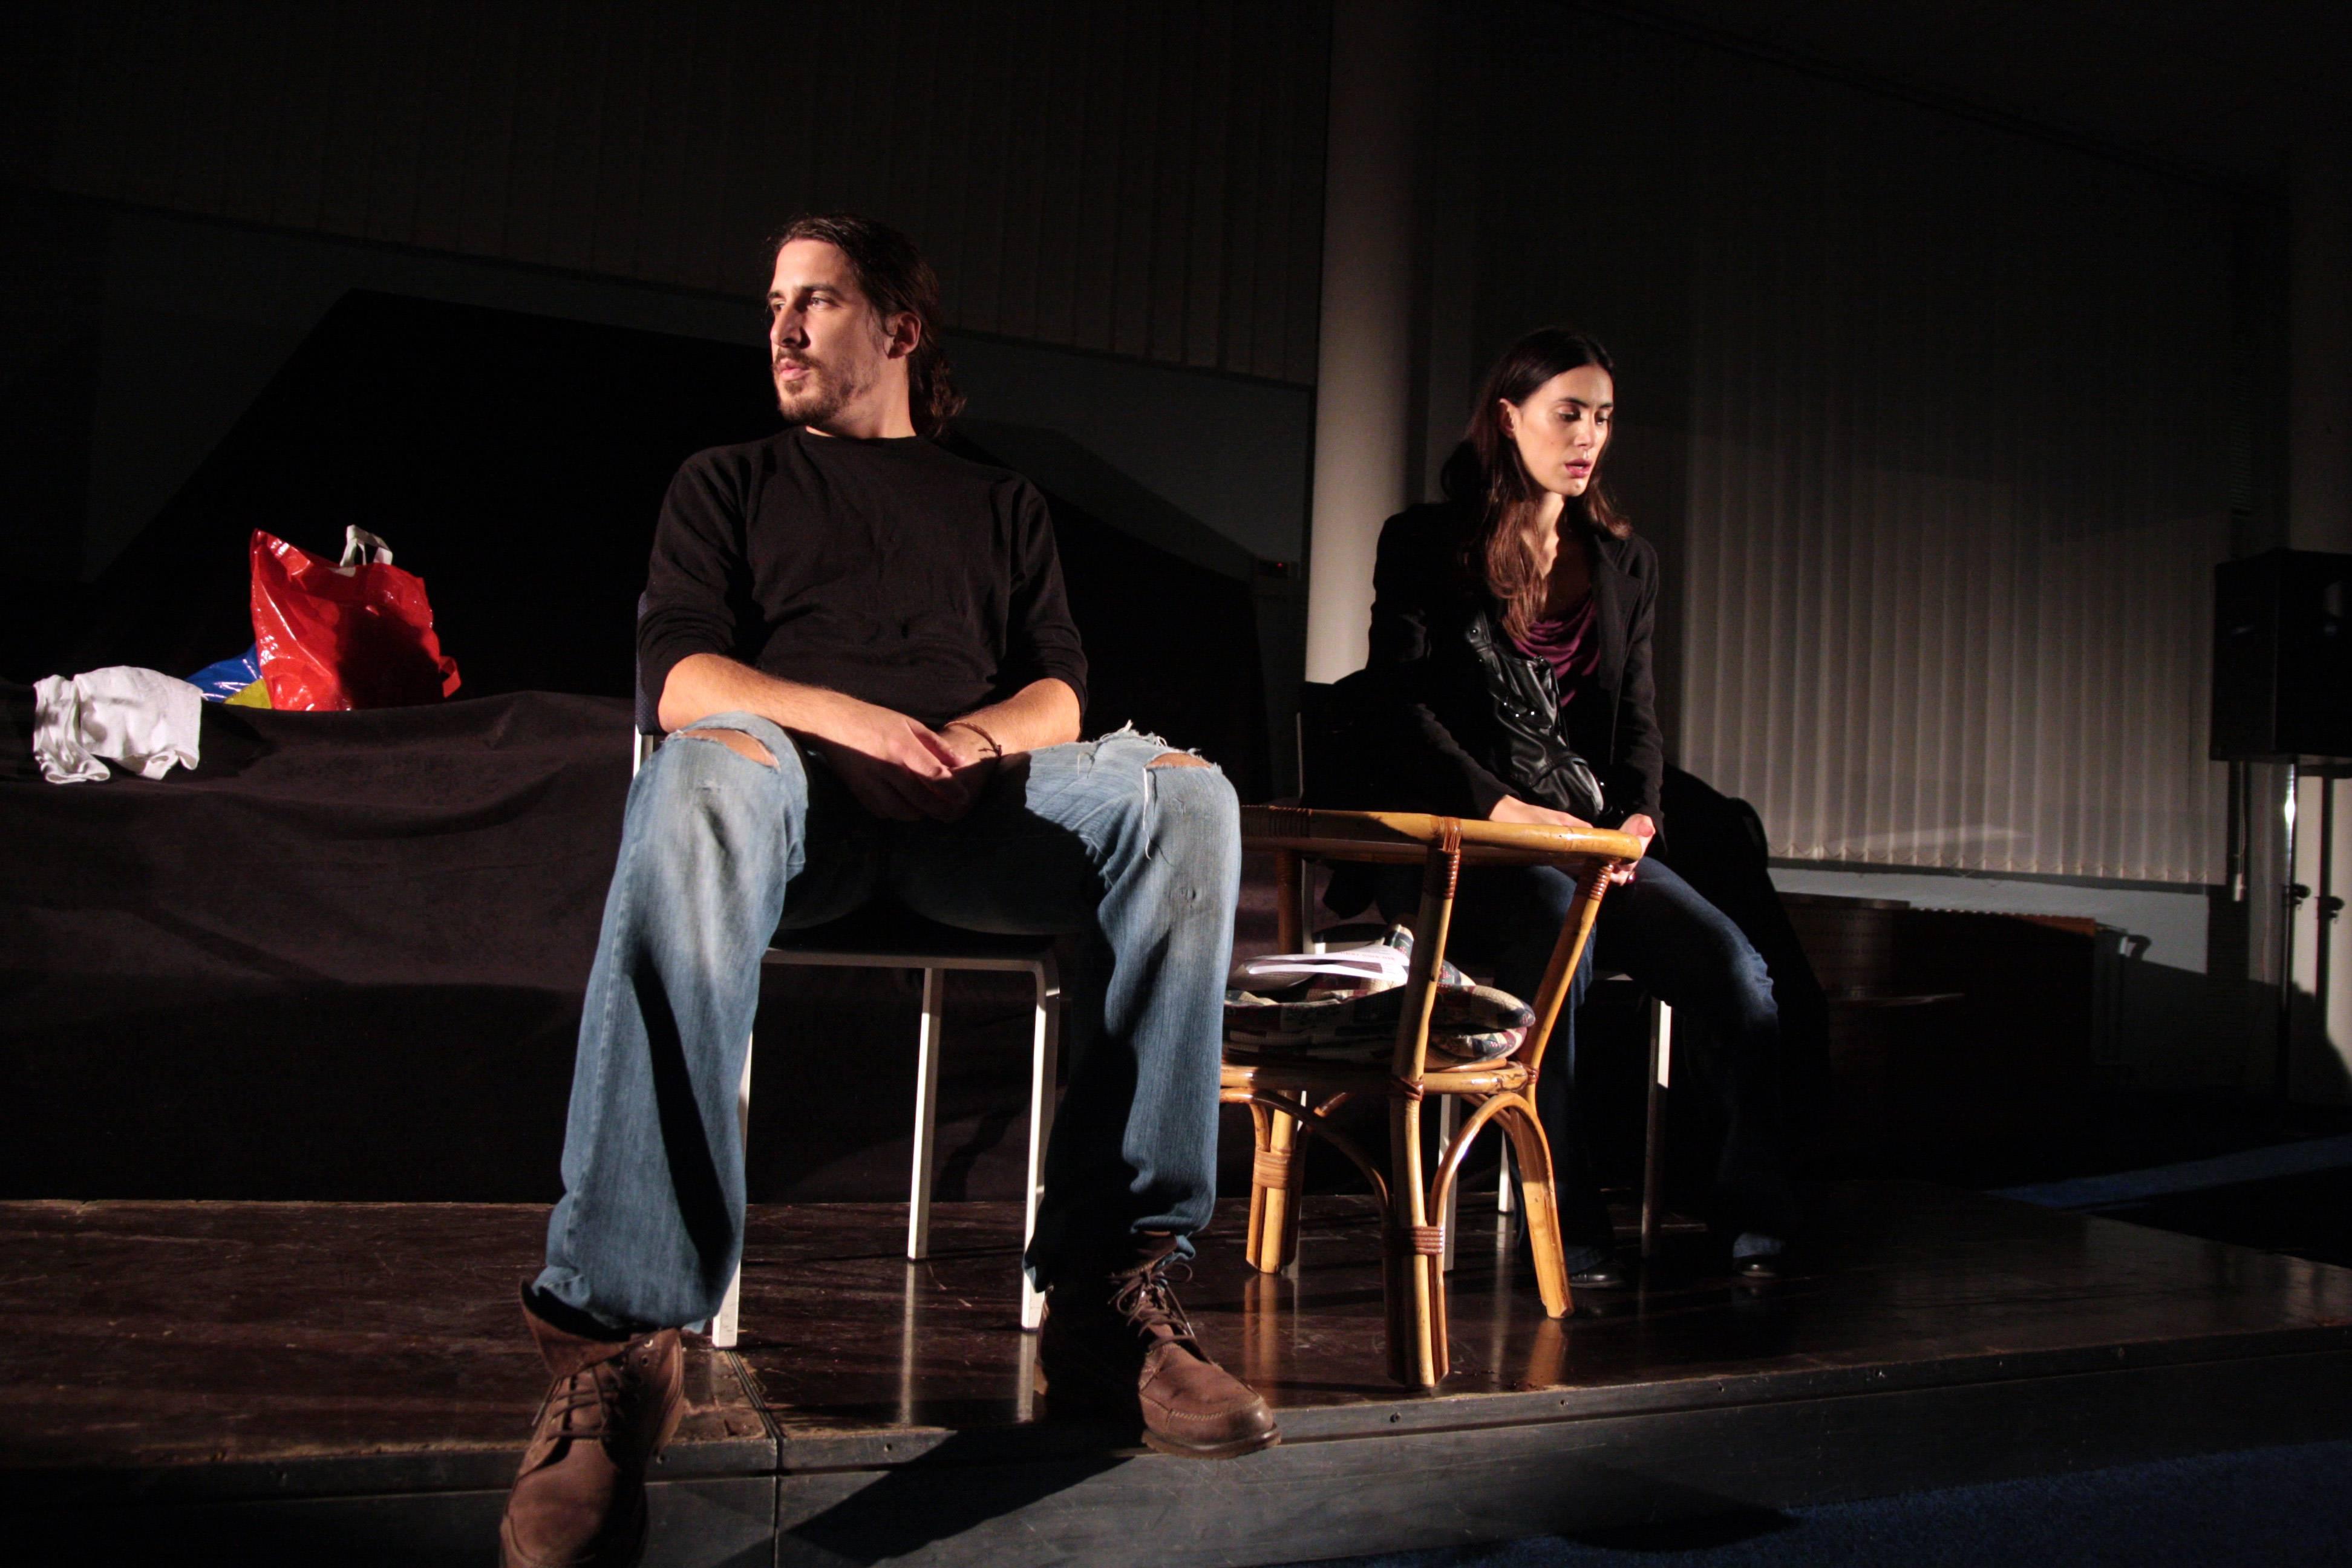 Anica Kovačević i Duško Modrinić tijekom izvedbe predstave Jednostavno nesretni na Pultu Knjižnice 2010.